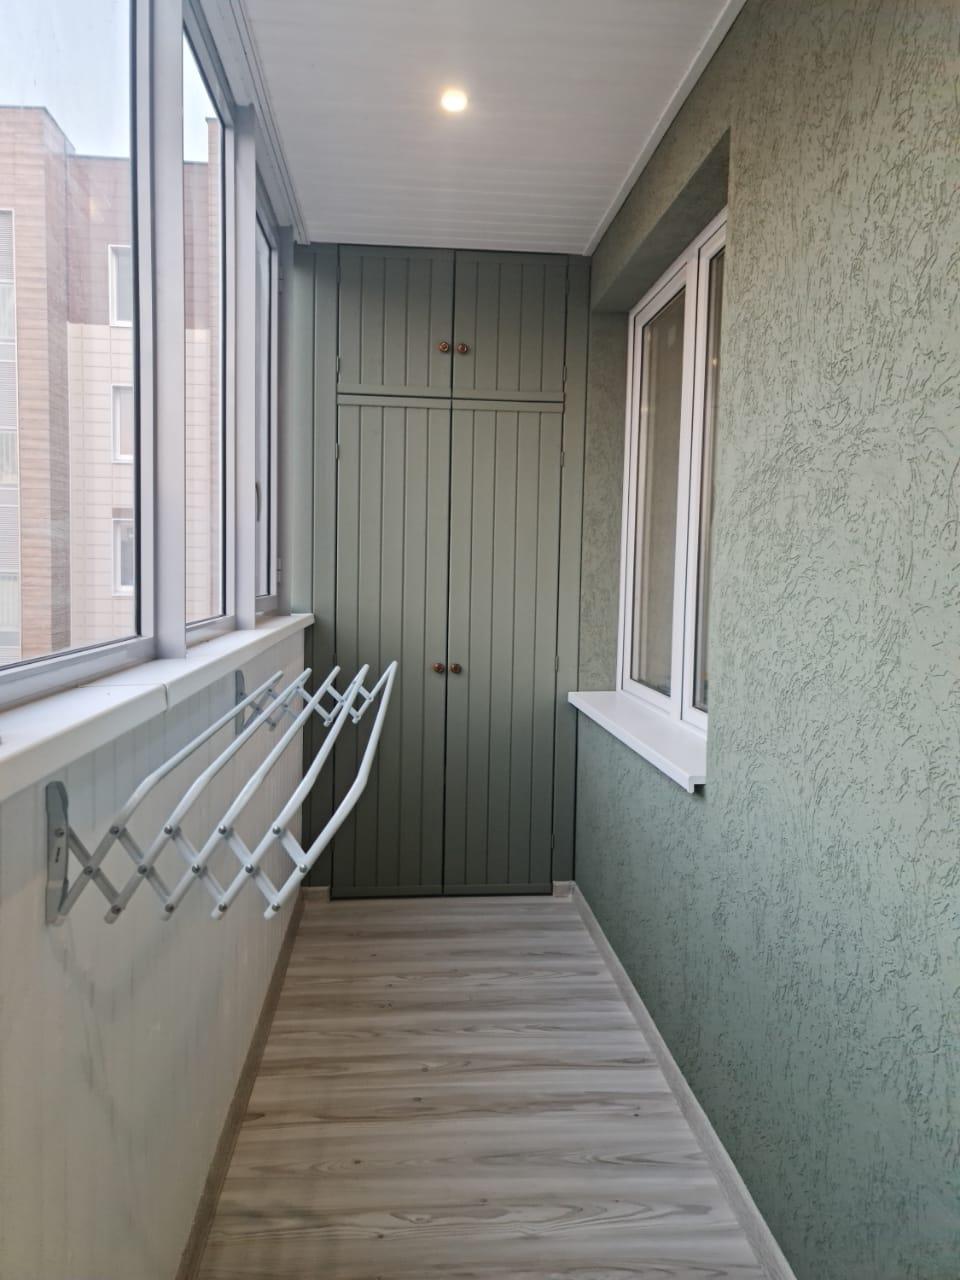 Внутренняя отделка балкона, установка шкафа и вешалки ул. Енисейская 4а - фото